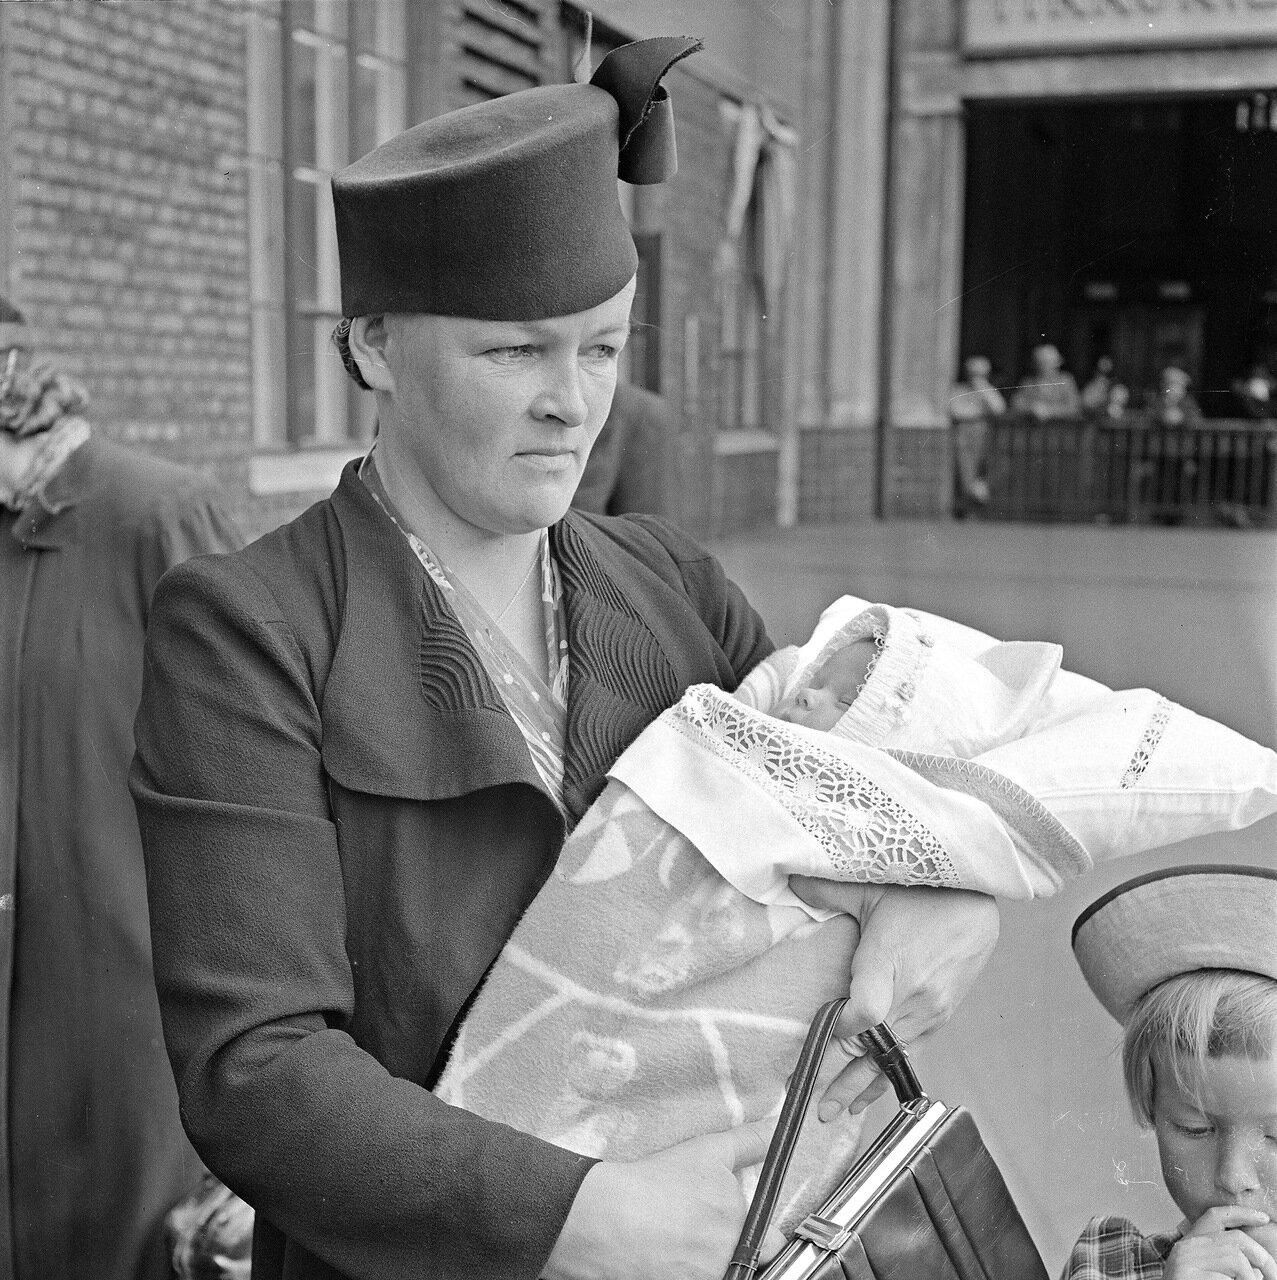 1941. 20 июня. Центральный вокзал. Мать с детьми на вокзале.